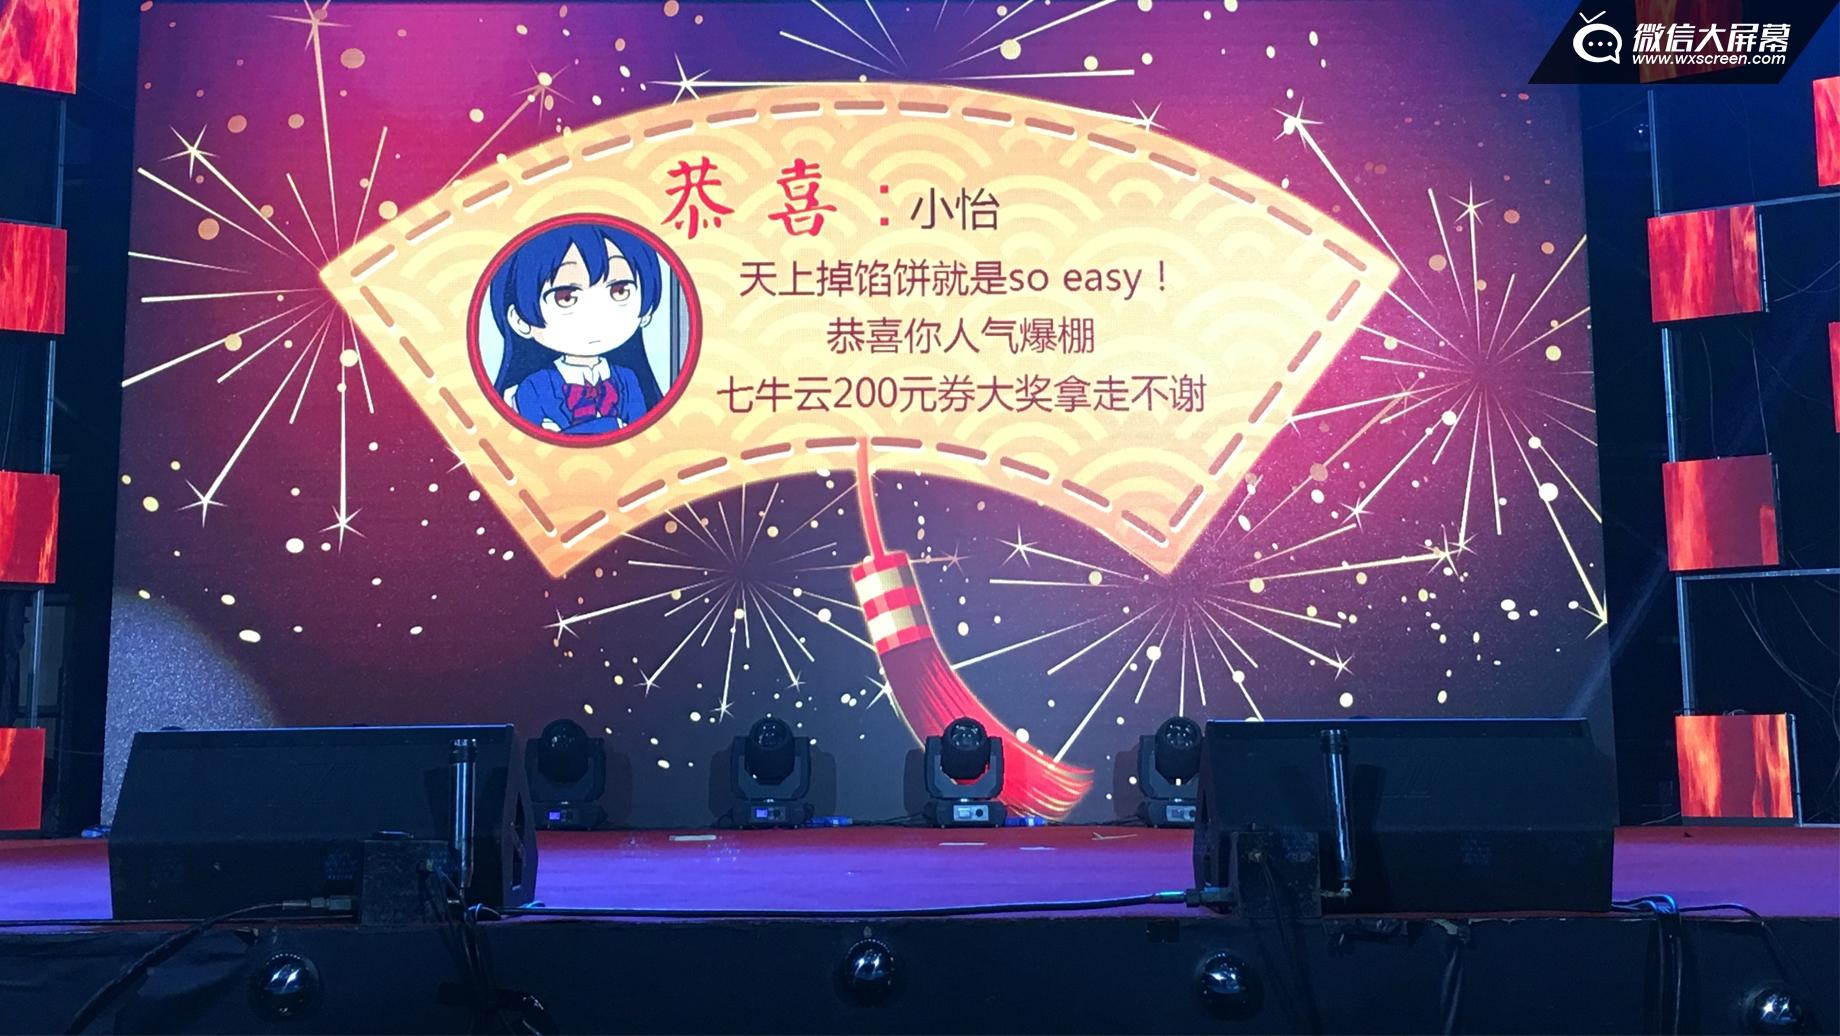 小饭桌创业春晚红包满天飞 趣现场-微信大屏幕打造年度最火爆盛会